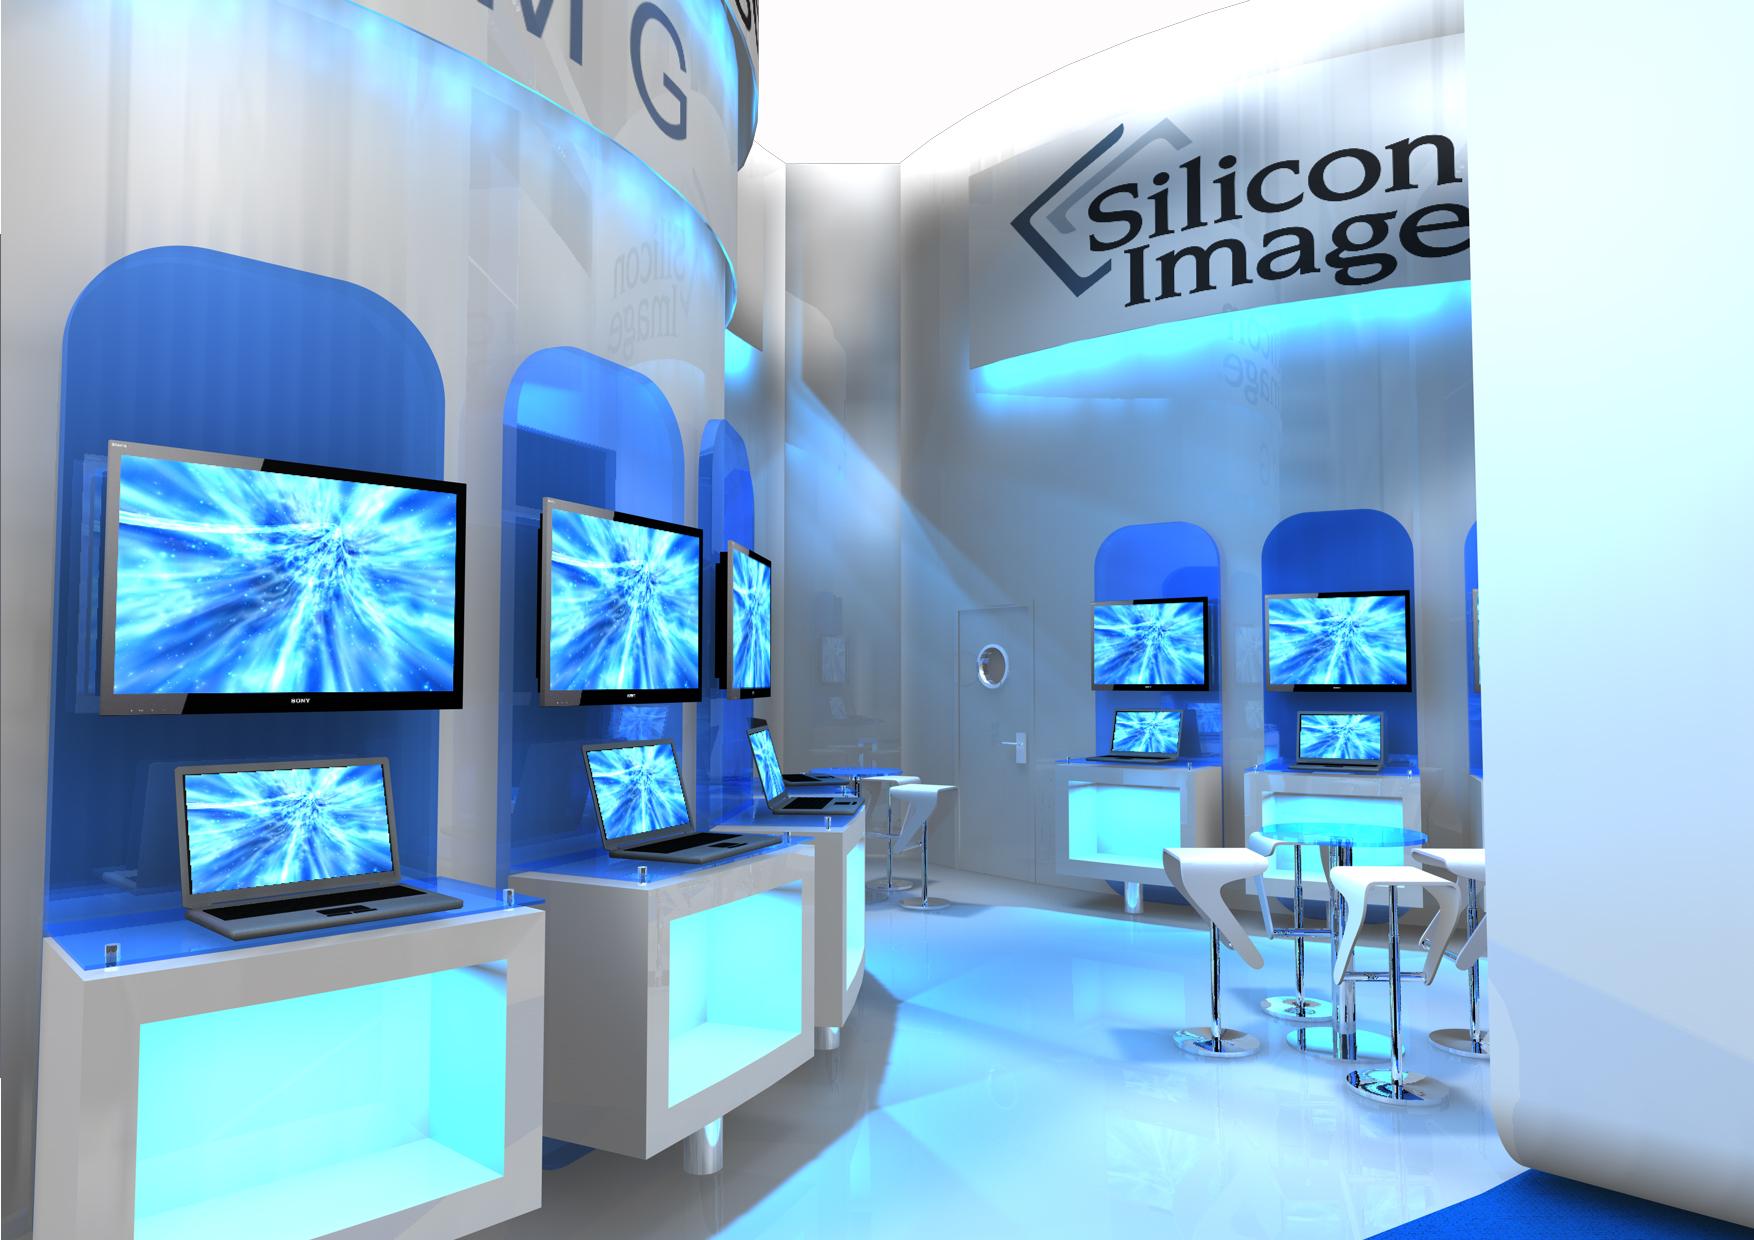 silicon image 5m x4m